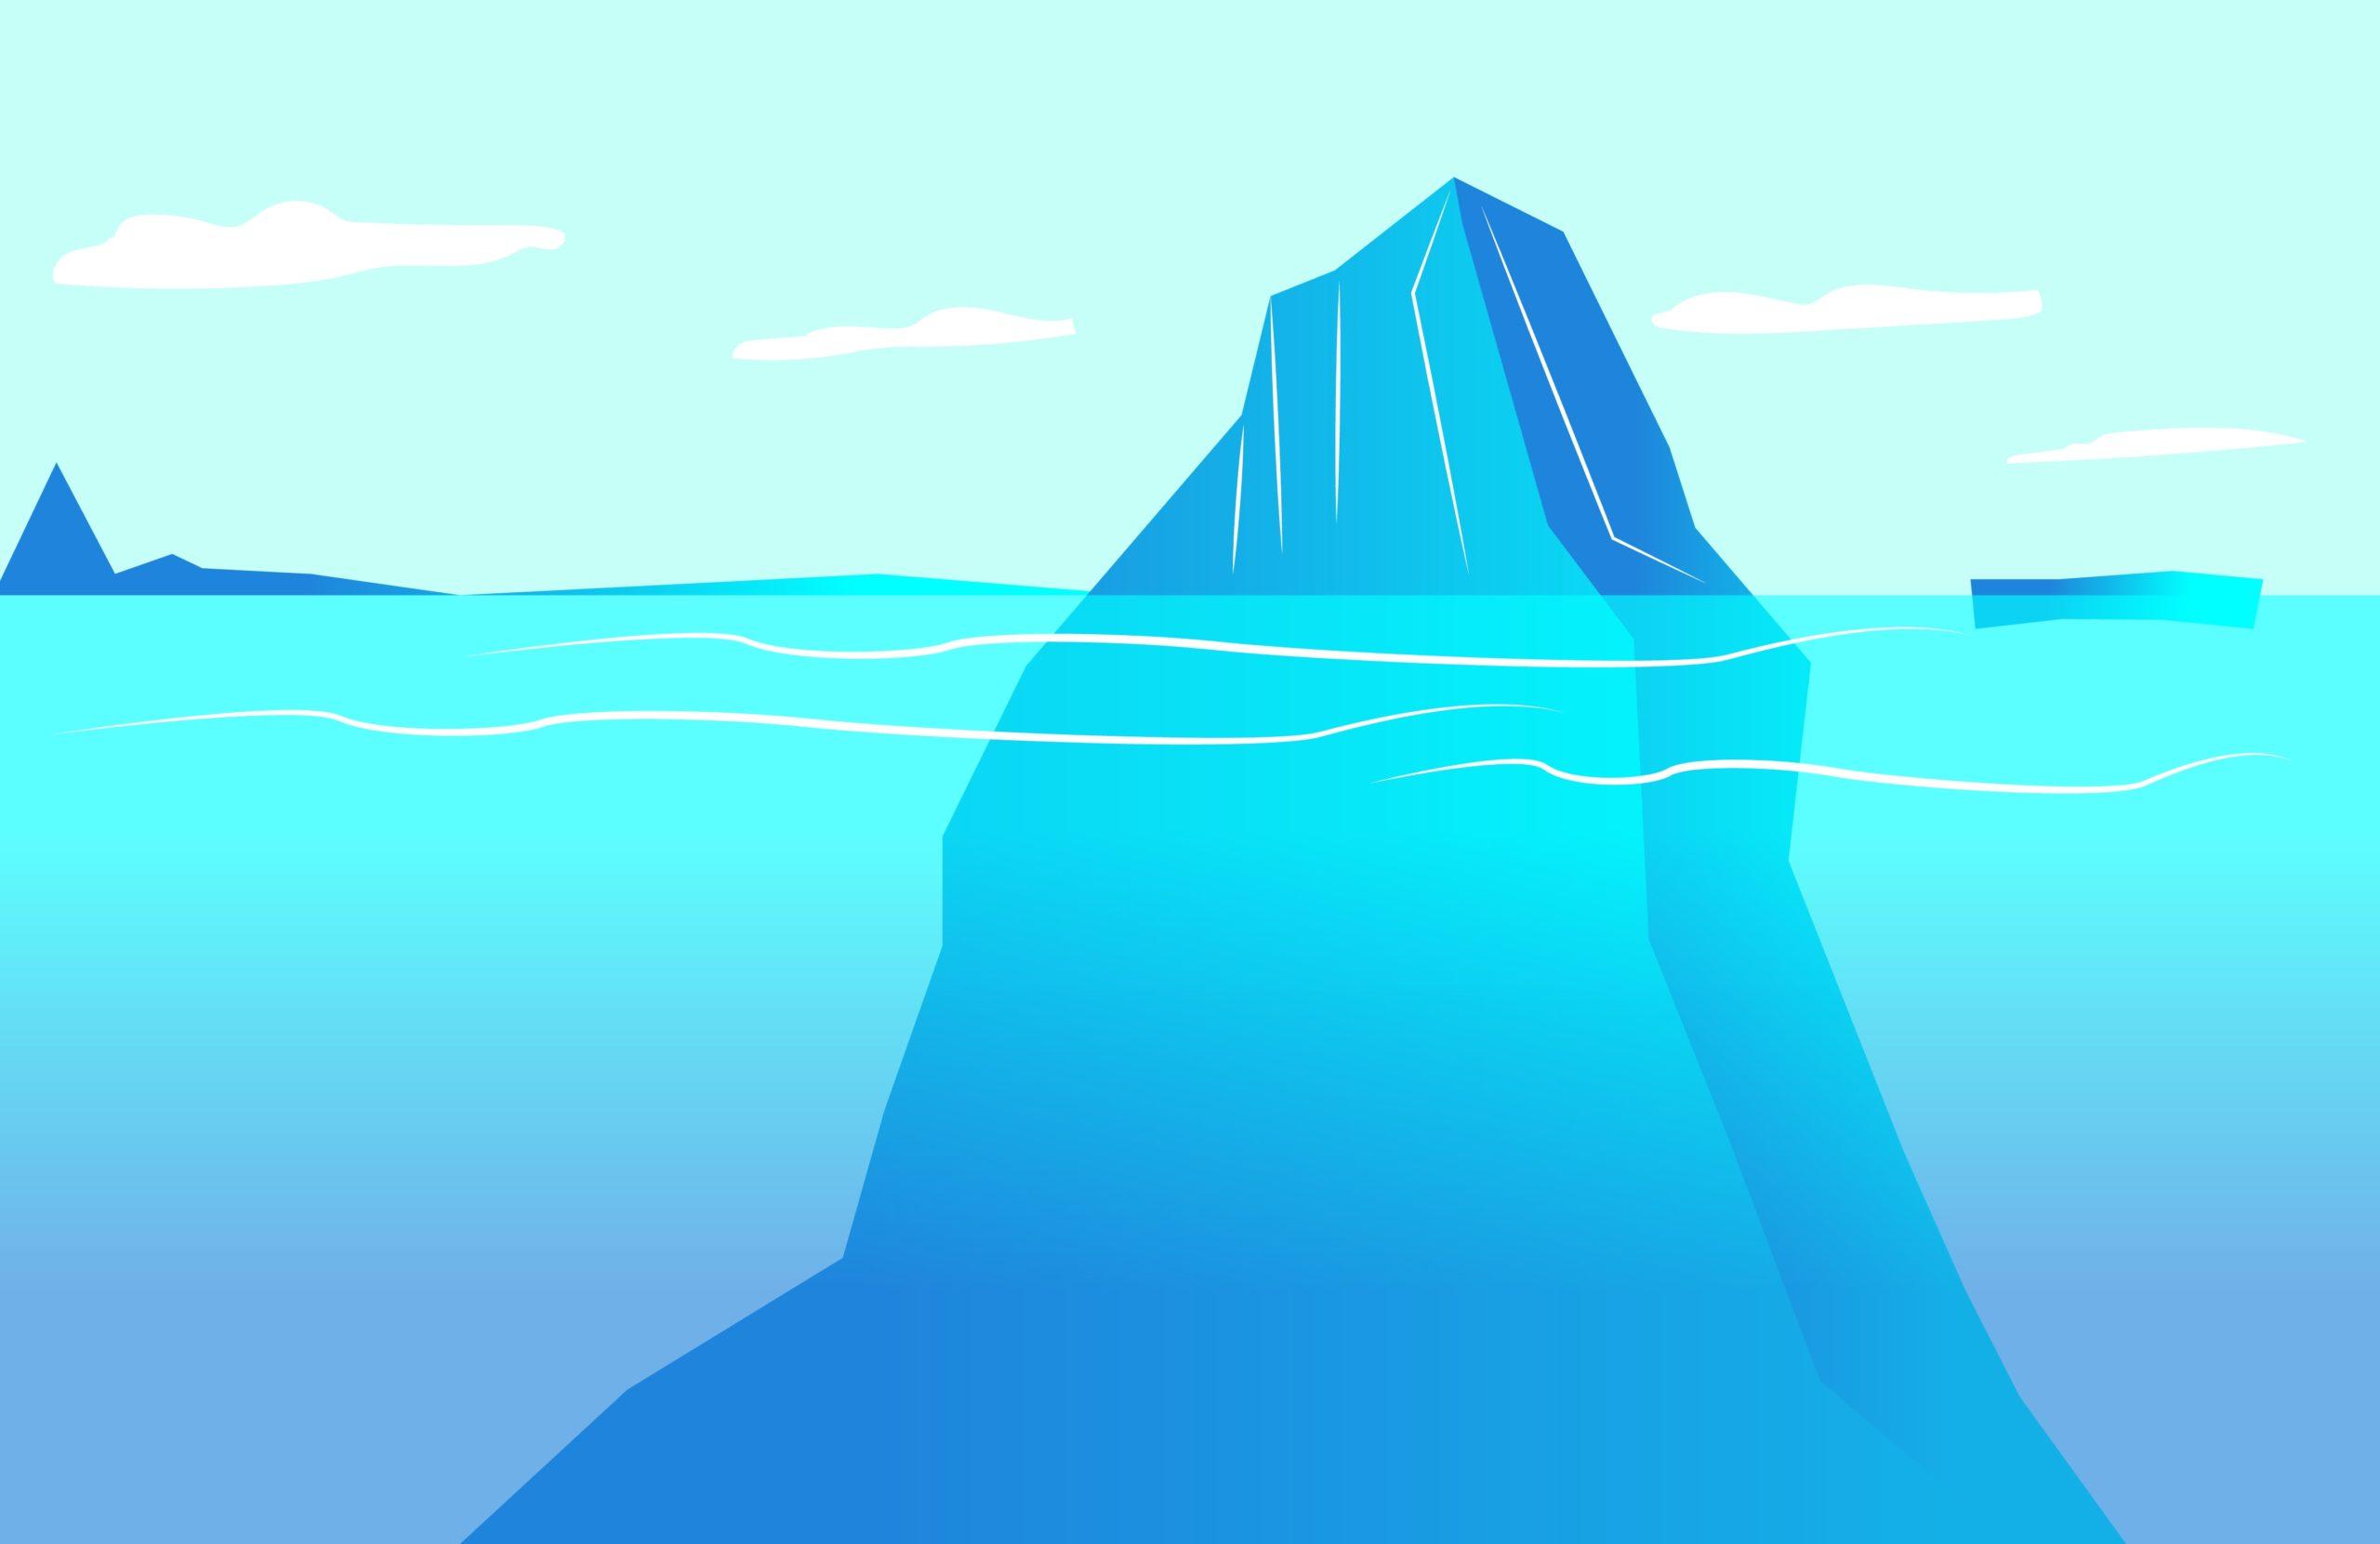 Eisberg, dessen Spitze aus dem Wasser ragt, als Symbol für das Alltagsbewusstsein und das Unbewusste